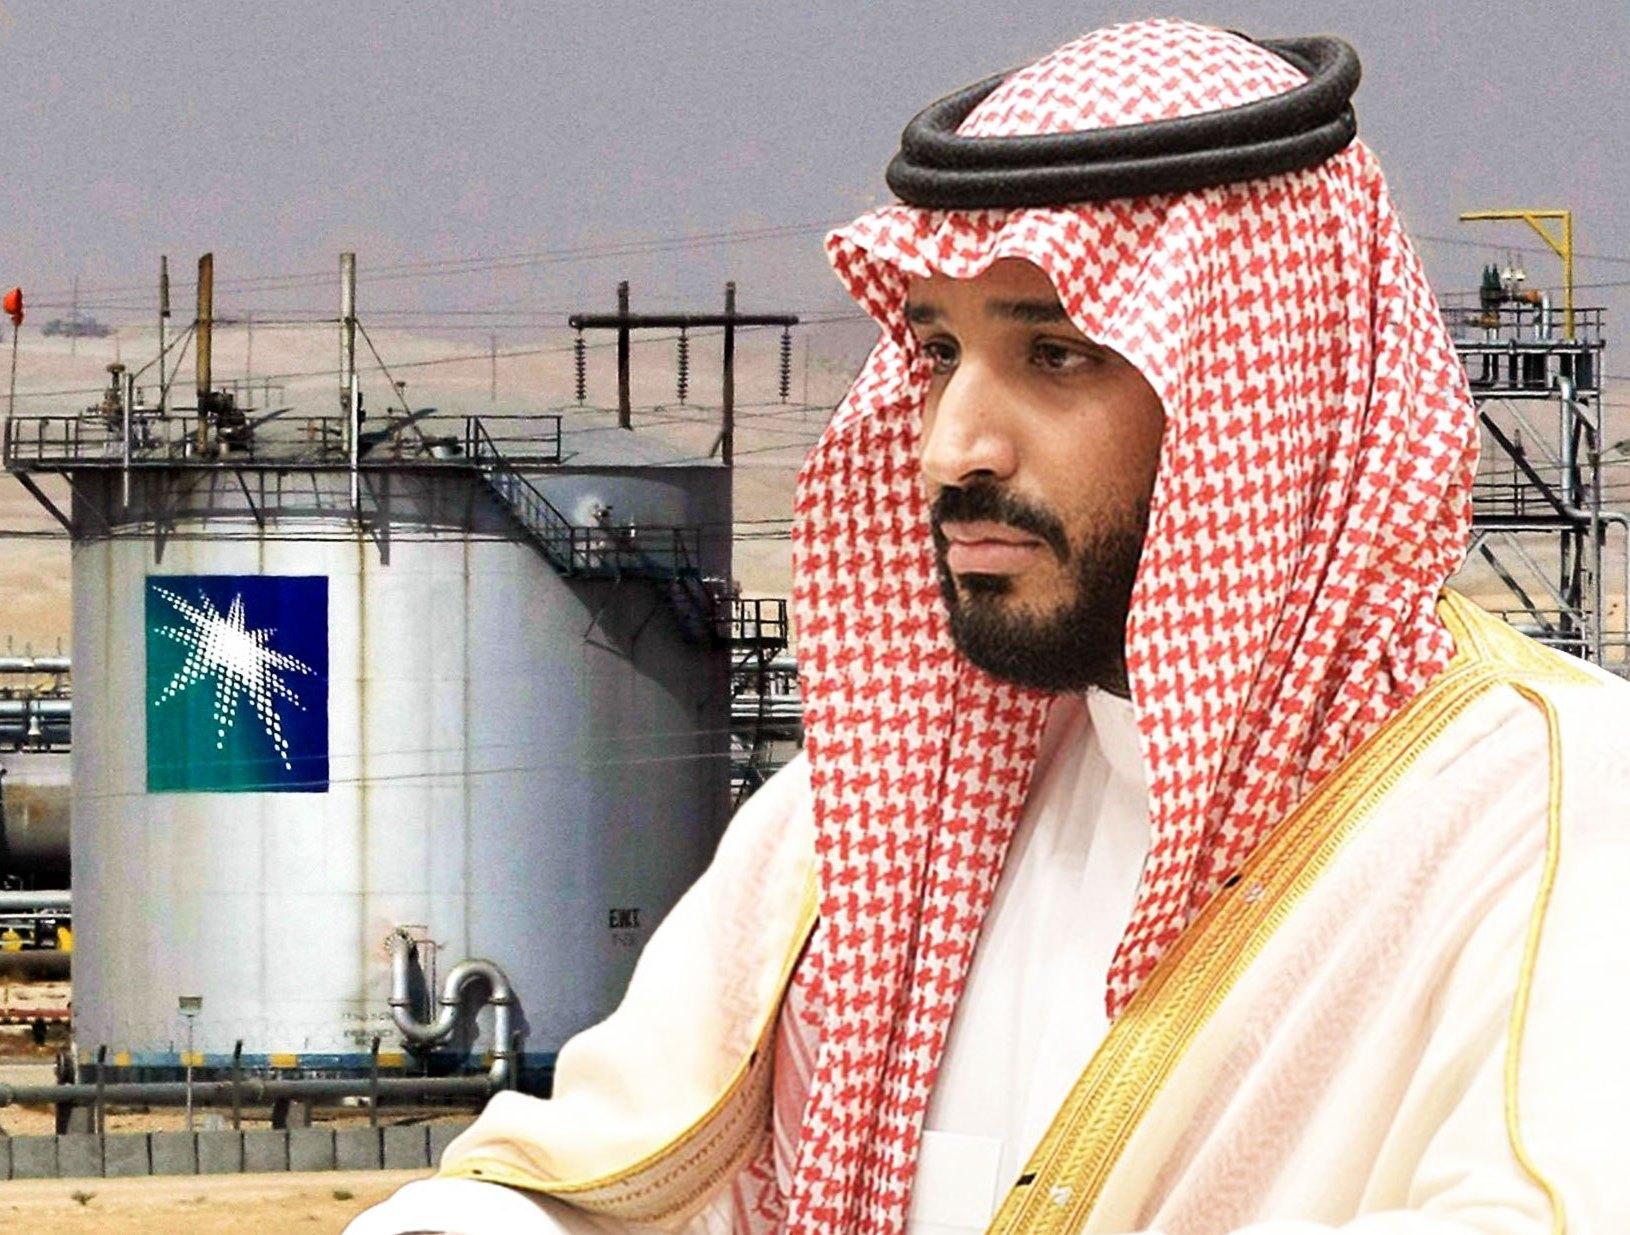 СМИ: Саудиты отказались принять условие России, ситуация на рынке нефти может ухушиться